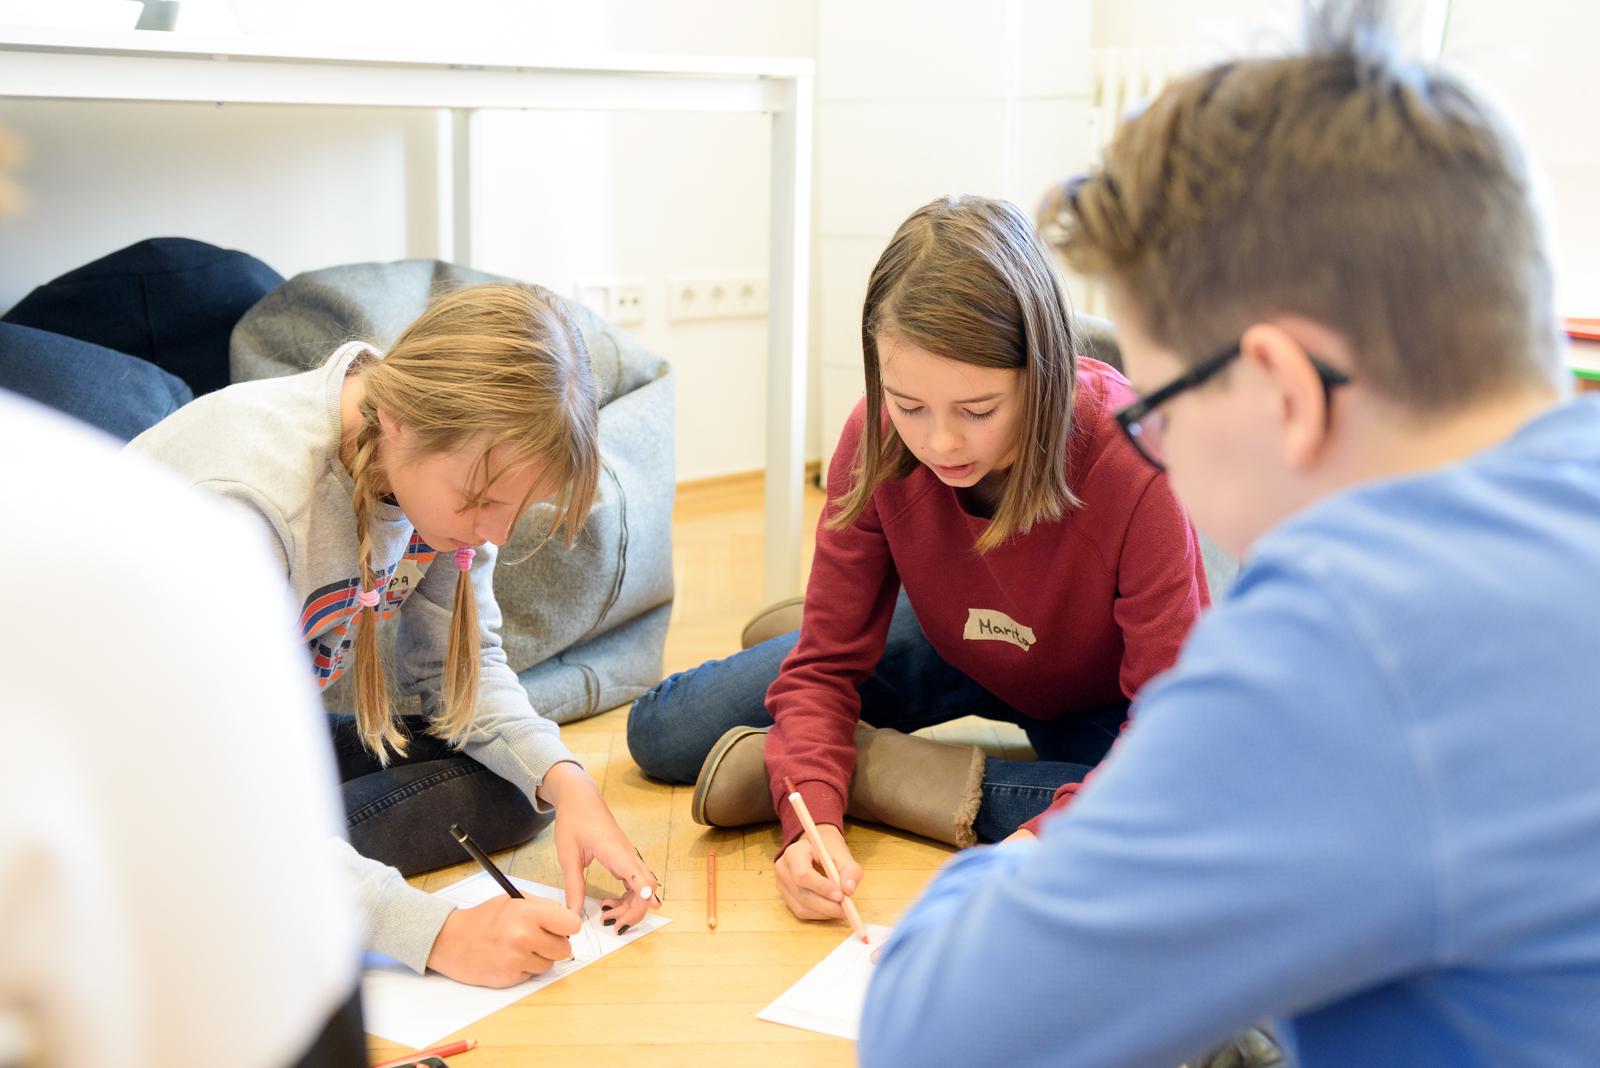 Zwei Mädchen, ein Junge und eine weitere Person sitzen im Kreis auf dem Boden. Vor ihnen liegen Zettel und sie malen mit Buntstiften auf die Zettel.